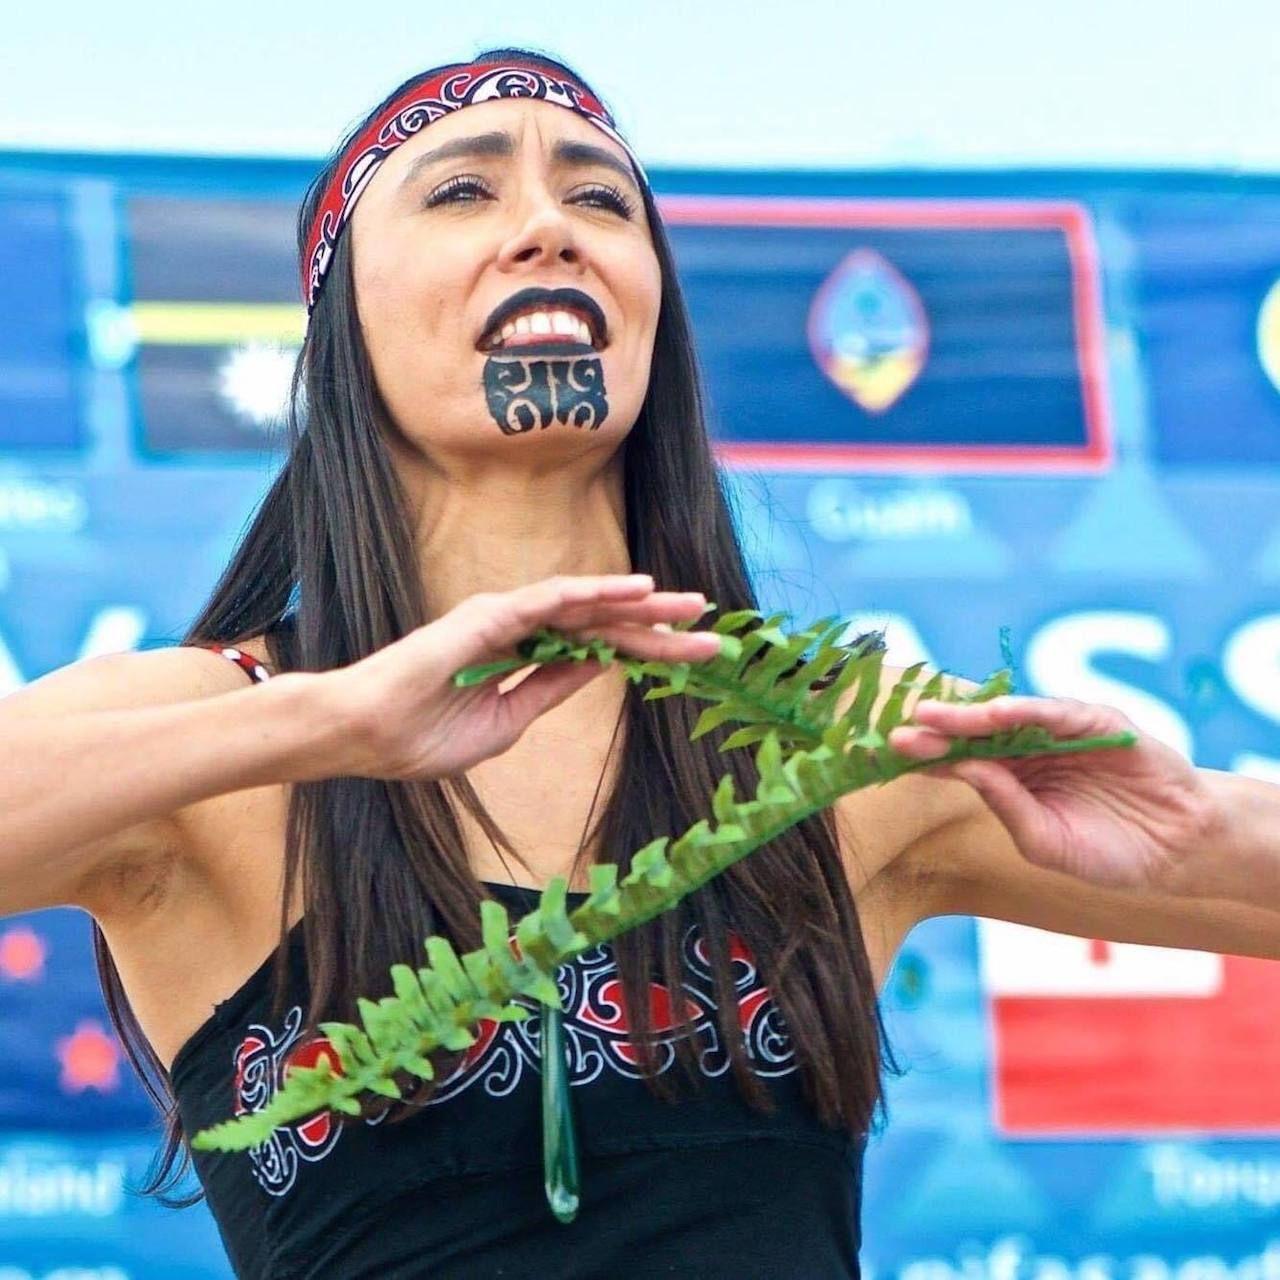 Maori person